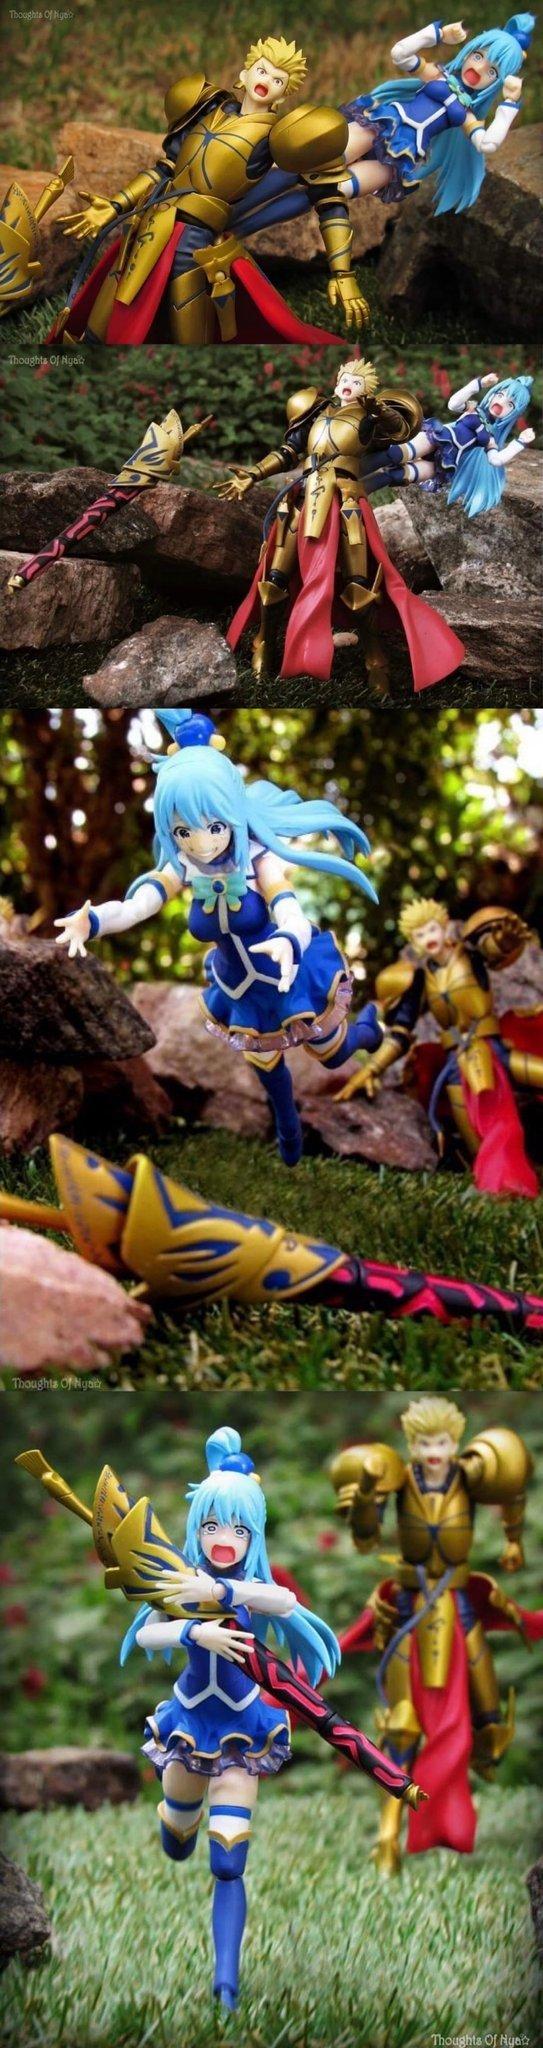 Аква решила попасть на небеса побыстрее Аниме, Fate, Konosuba, Crossover, Длиннопост, Gilgamesh